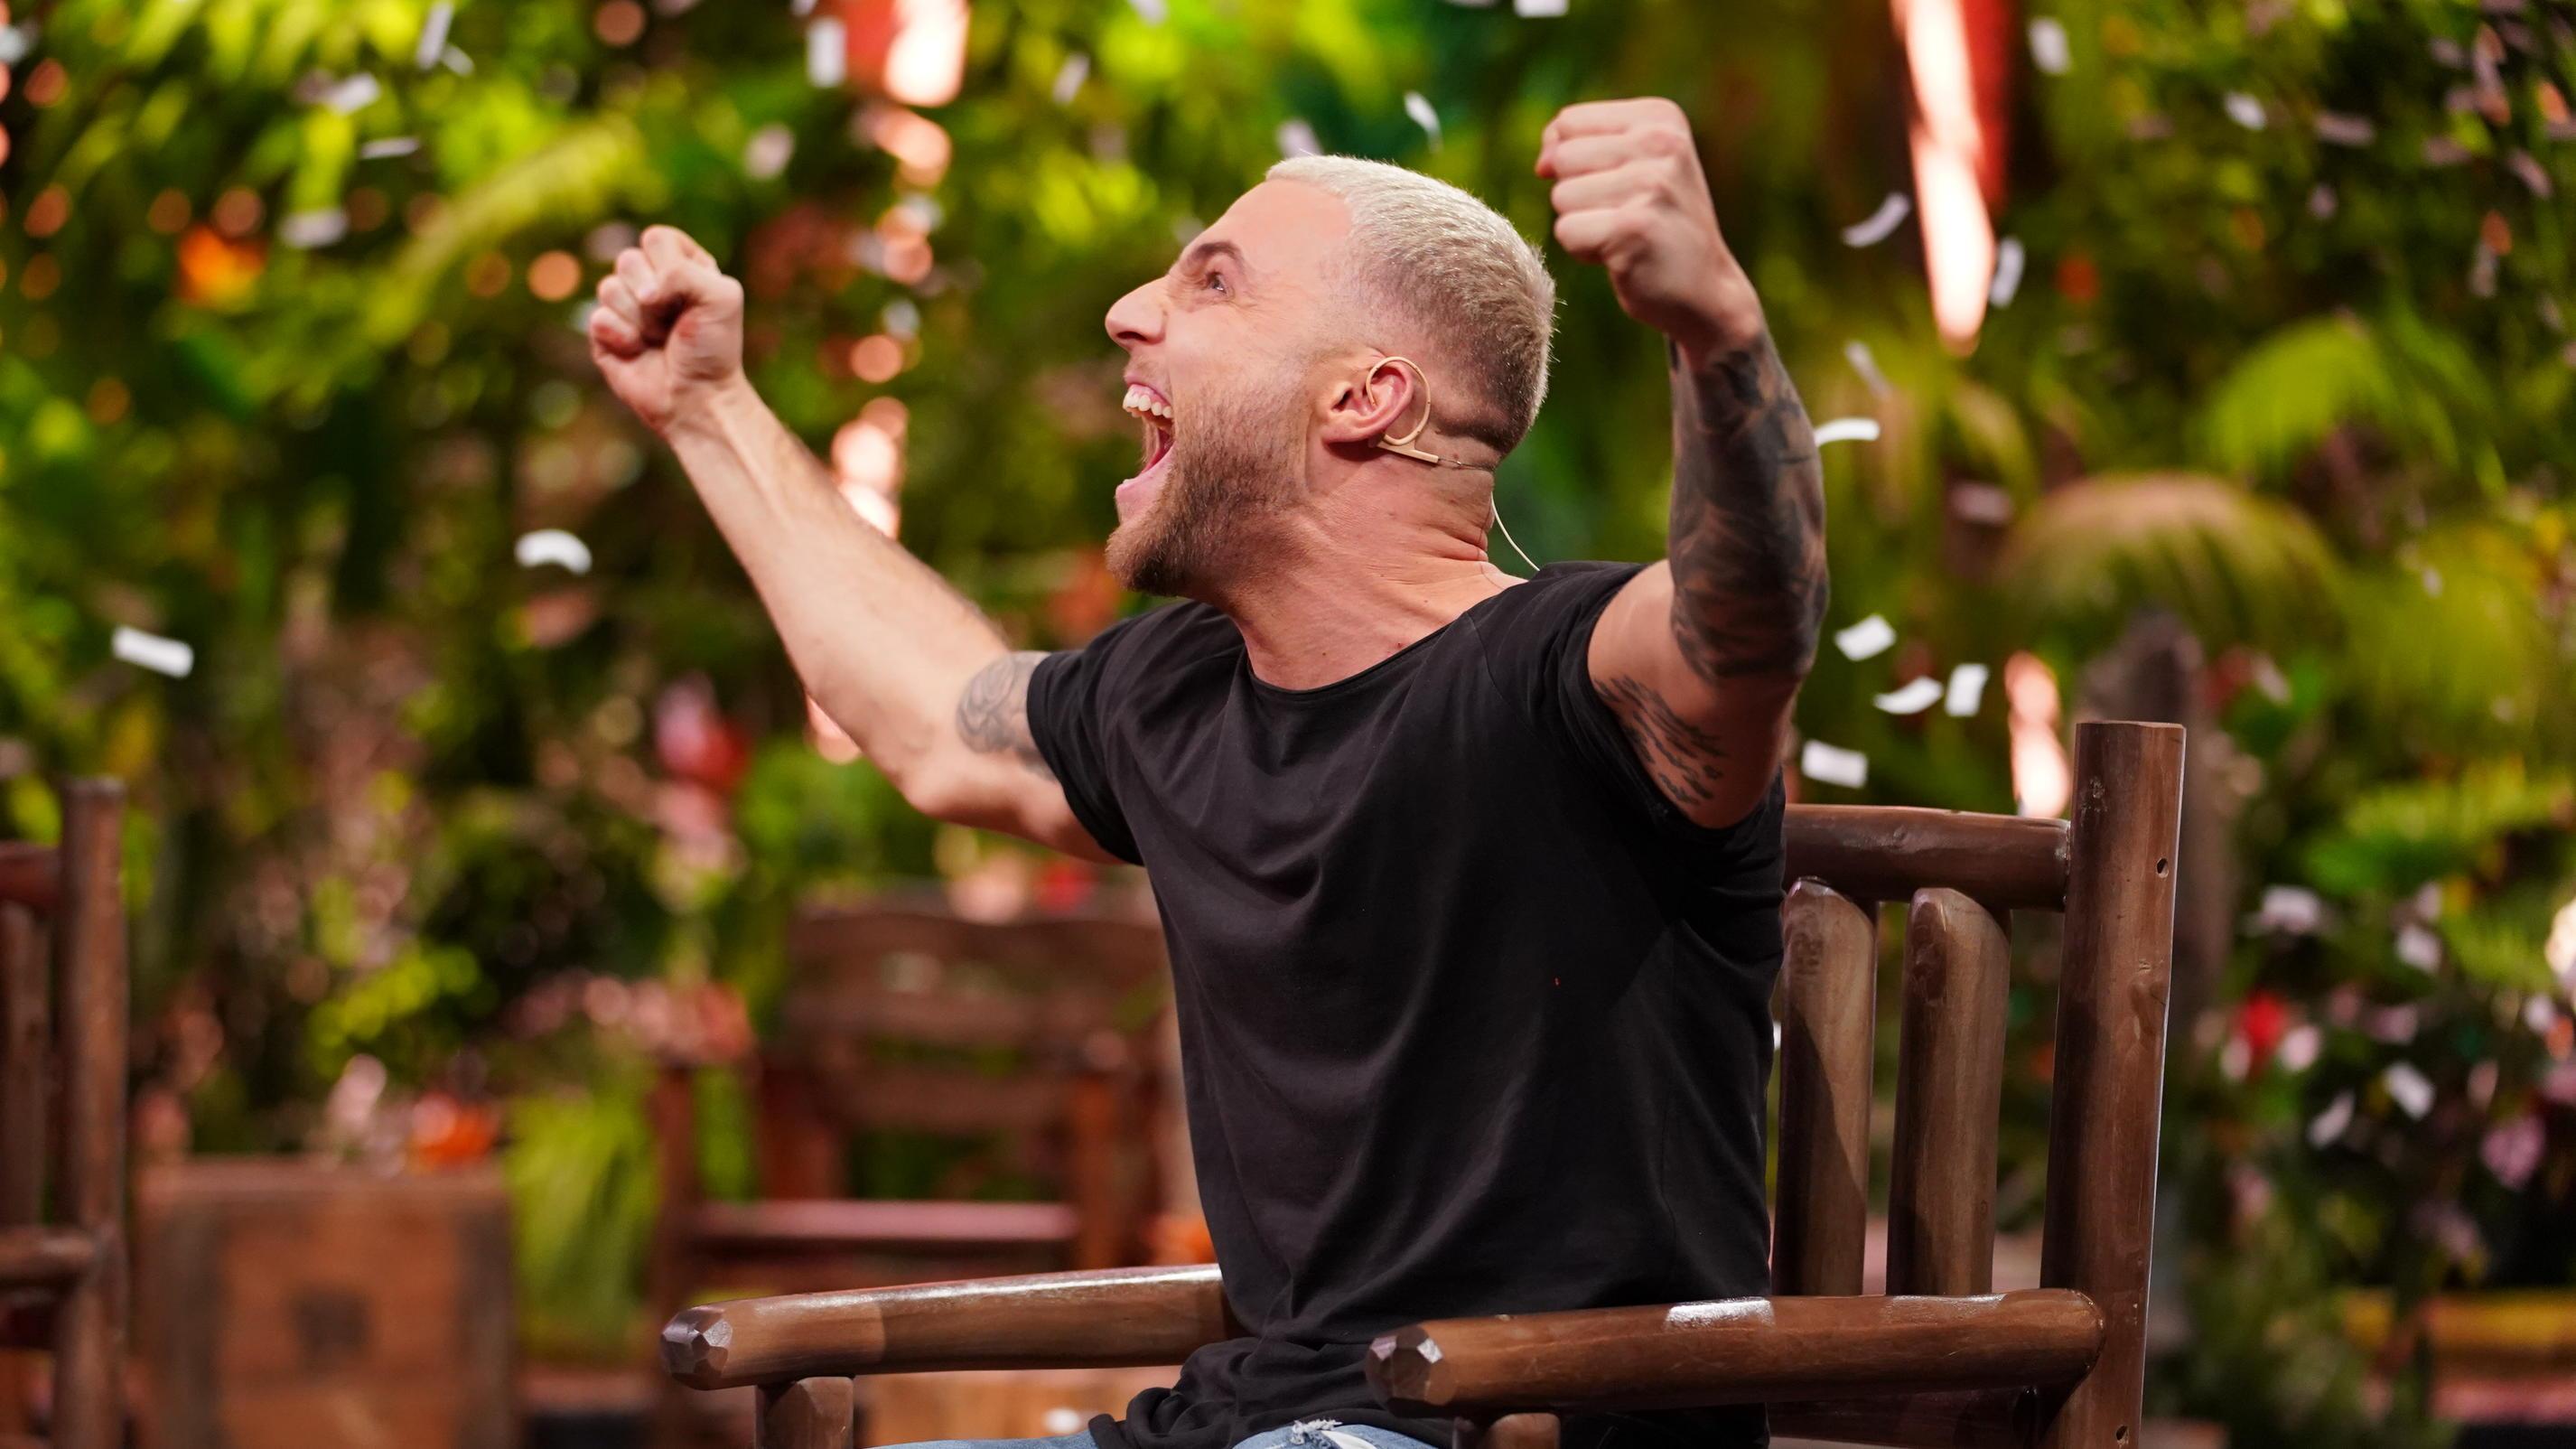 """Dschungelcamp 2022: Filip Pavlović krallt sich das """"goldene Ticket"""" der Dschungelshow"""